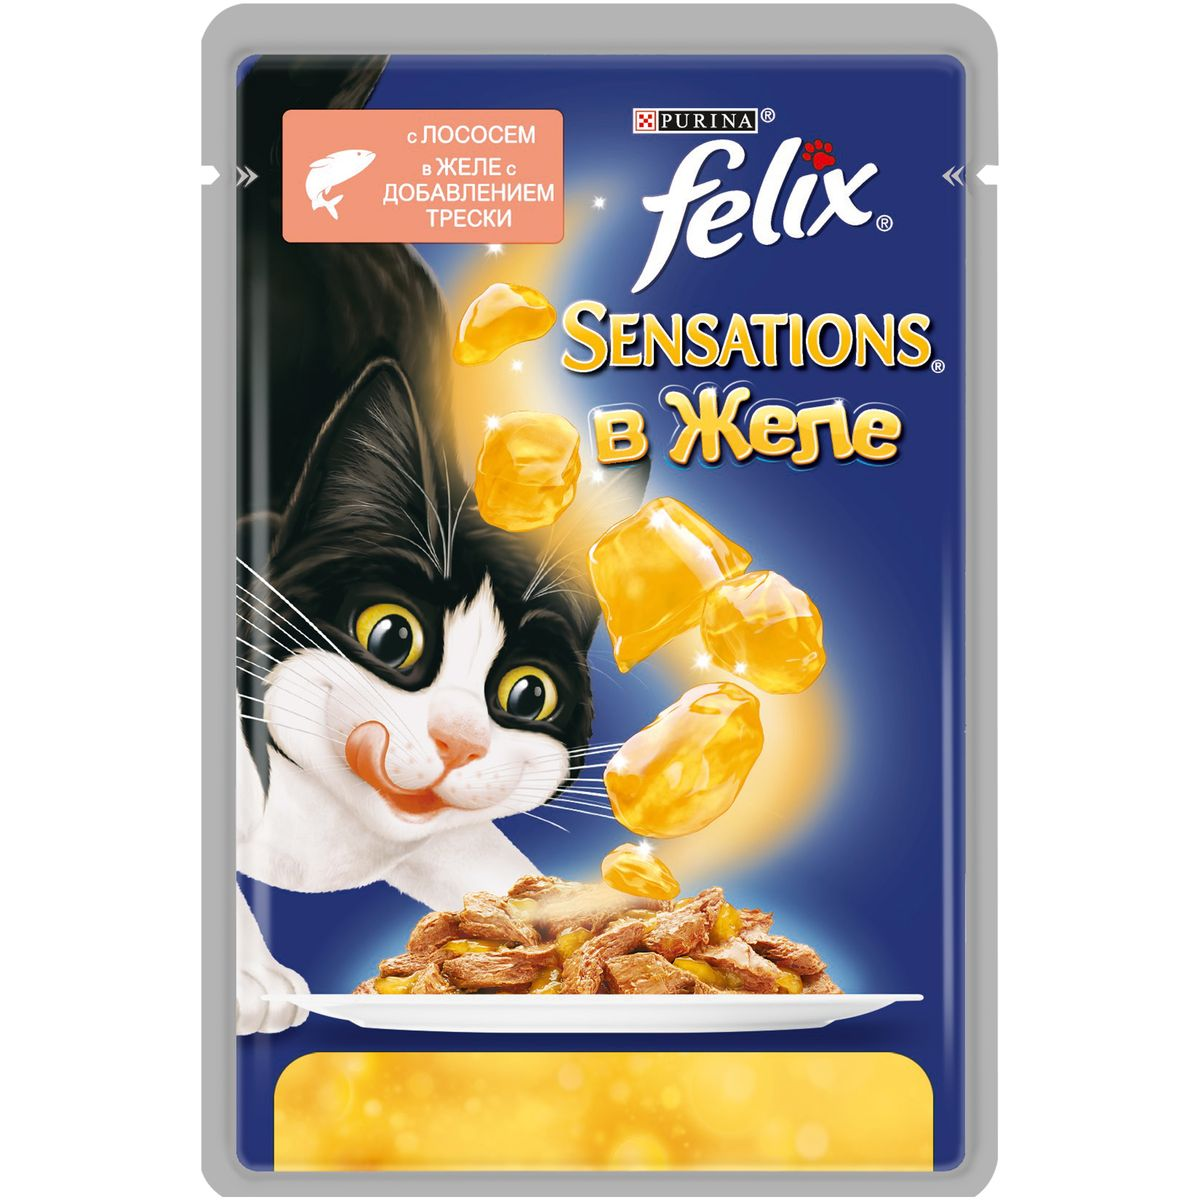 Консервы для кошек Felix Sensations, с лососем в желе со вкусом трески, 85 г101246Консервированный корм для кошек Felix с лососем в желе со вкусом трески - полнорационный корм для взрослых кошек. У него такой аппетитный вид и аромат, словно его приготовили вы сами. Корм создан по специально разработанной рецептуре: это нежнейшие кусочки с мясом или рыбой, покрытые сочным желе. Ваш кот будет есть такую вкуснятину хоть каждый день - на завтрак, обед и ужин. Рекомендации по кормлению: Для взрослой кошки среднего веса (4кг) требуется примерно 3 пакетика в день. Кормление желательно разделить на два приема. Для беременных или кормящих кошек кормление без ограничений. Подавать корм при комнатной температуре. Следите, чтобы у вашей кошки всегда была чистая, свежая питьевая вода.Состав: мясо и продукты переработки мяса (17%), экстракт растительного белка, рыба и рыбные субпродукты (лосось 4%, треска 1%), минеральные вещества, сахара, красители, витамины. Добавленные вещества: МЕ/кг: витамин A: 720, витамин D3: 110, витамин Е: 15;мг/кг: железо: 8, йод: 0,2, медь: 0,7, марганец: 1,6, цинк: 15. Гарантируемые показатели: белок 13,0%, жир 3,0%, сырая зола 2,2%, сырая клетчатка 0,5%, линолевая кислота (Омега 6 жирные кислоты) 0,2%, таурин 0,045%.Товар сертифицирован.